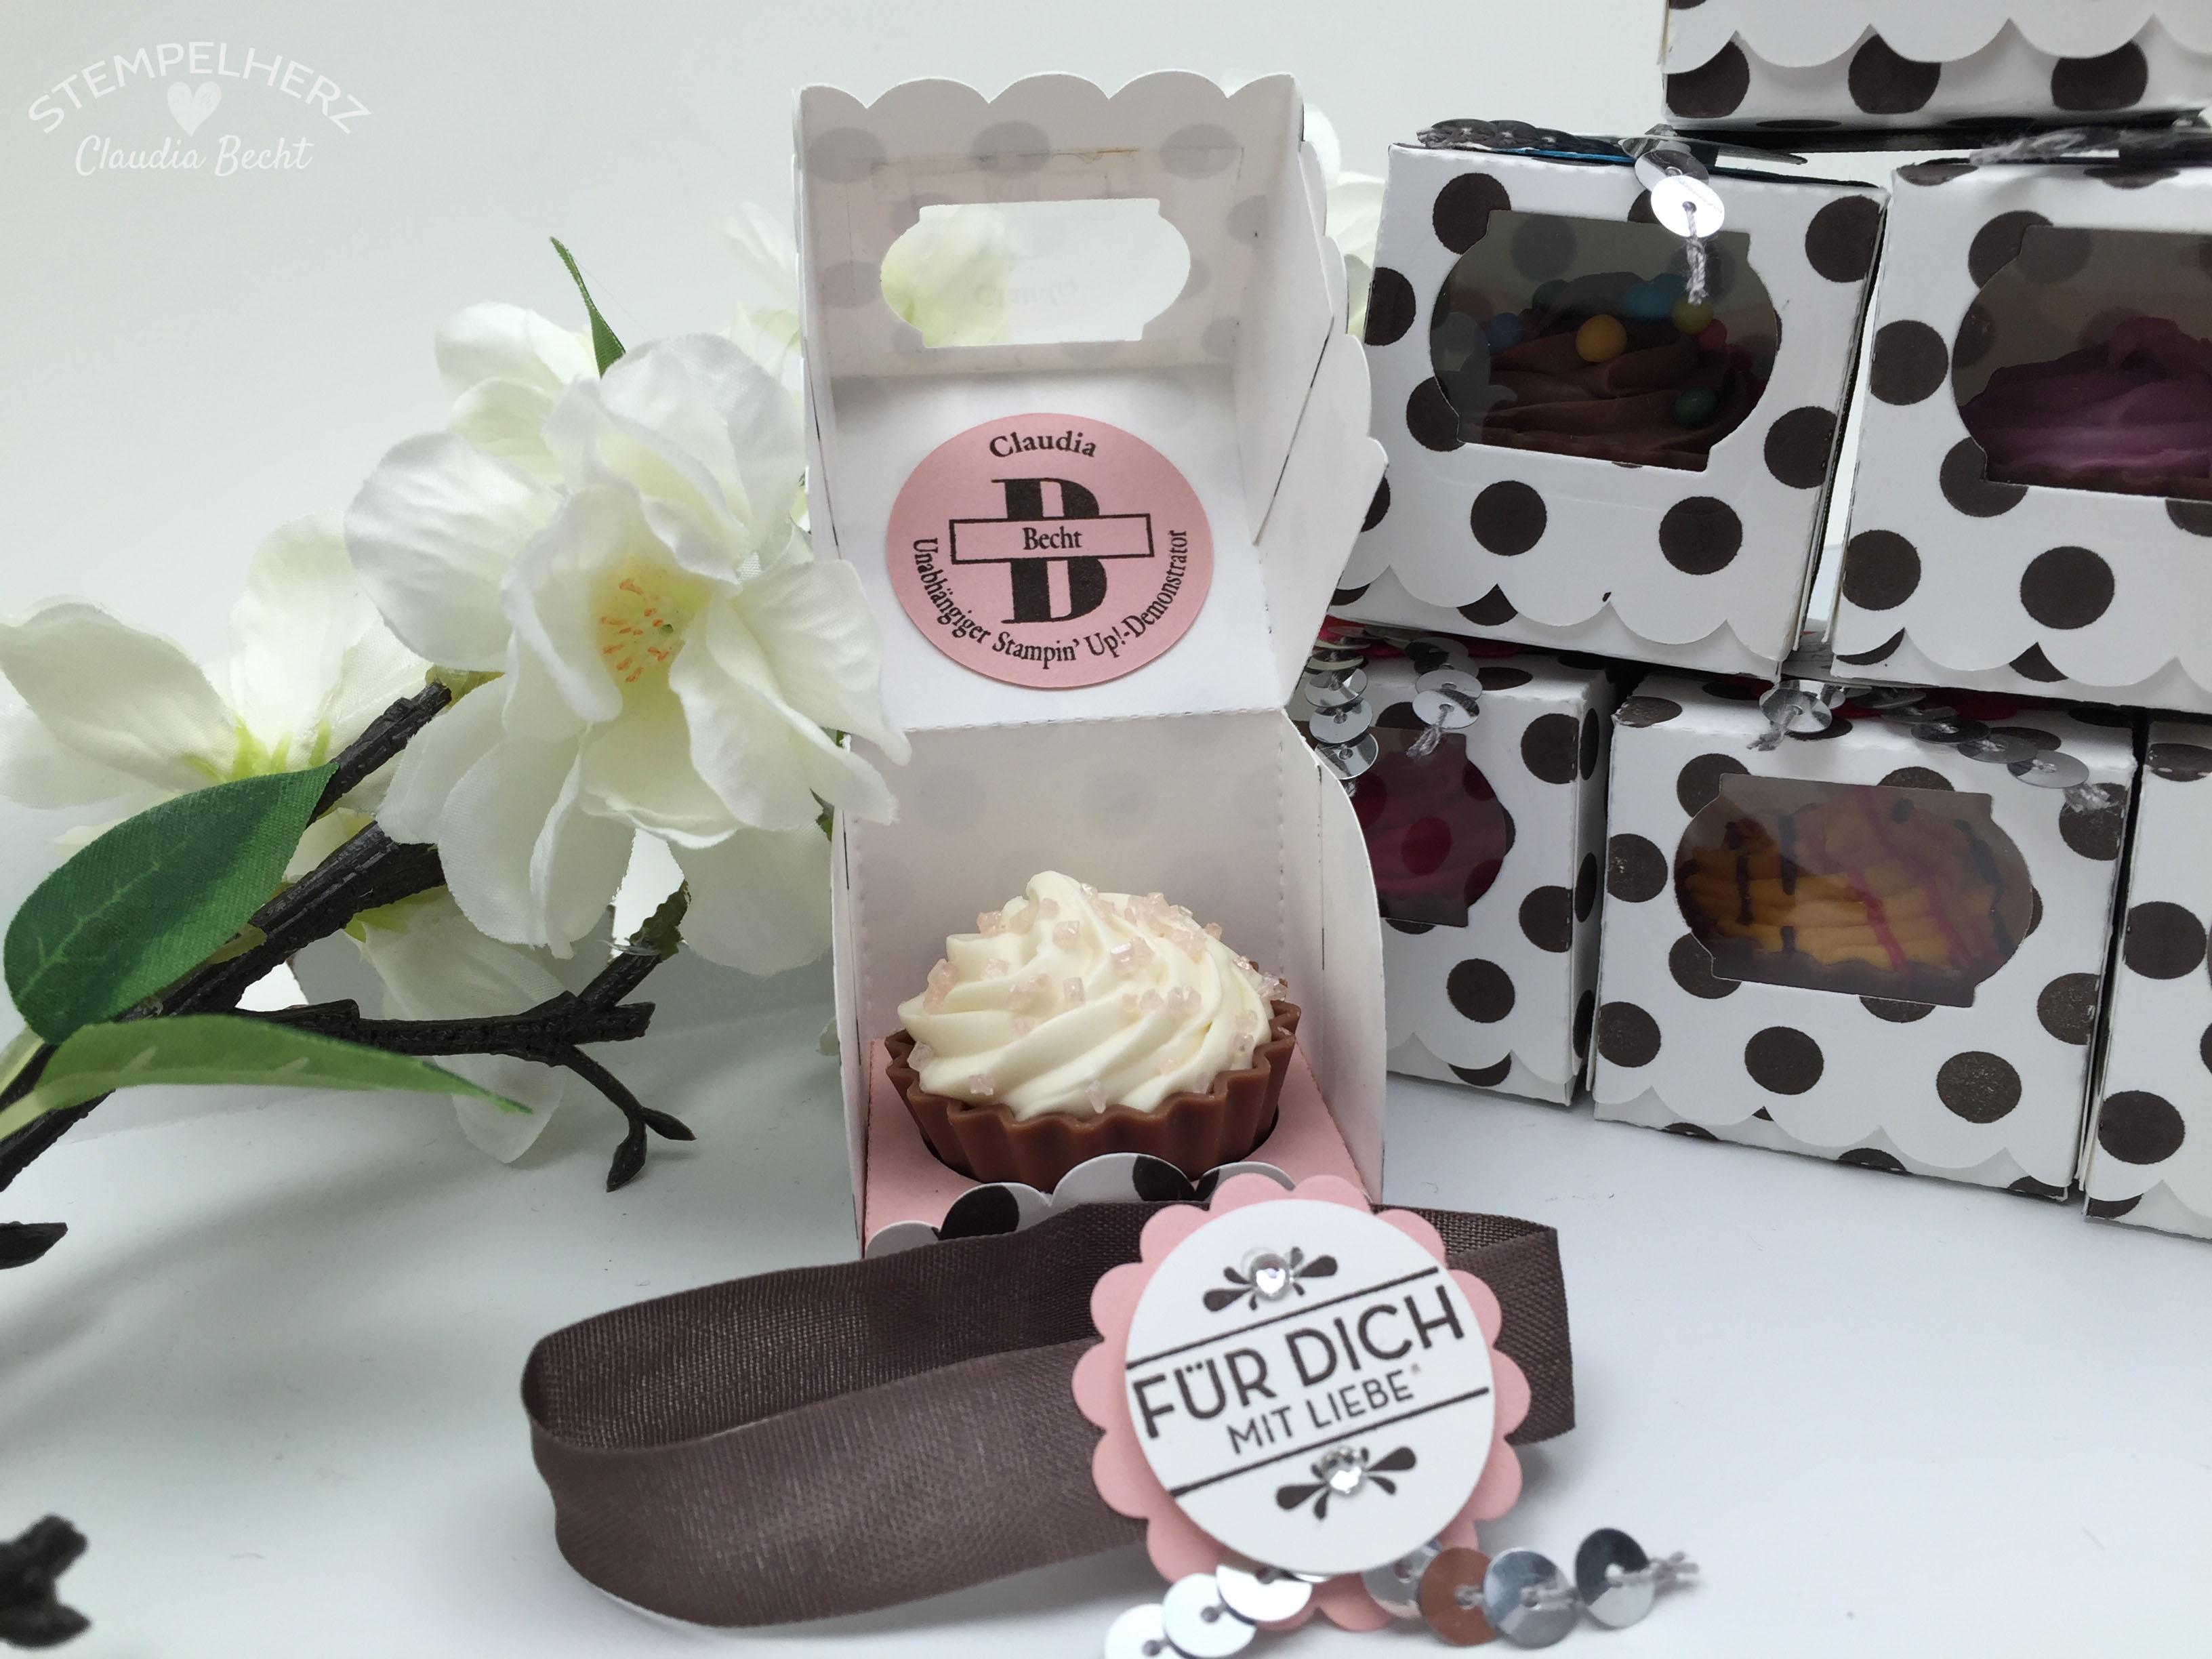 Stampin Up-Stempelherz-Verpackung-Box-Cupcakeverpackung-Cupcake-Hausgemachte Leckerbissen-Pralinenschachtel-Cupcakepralinen-Verpackung 02